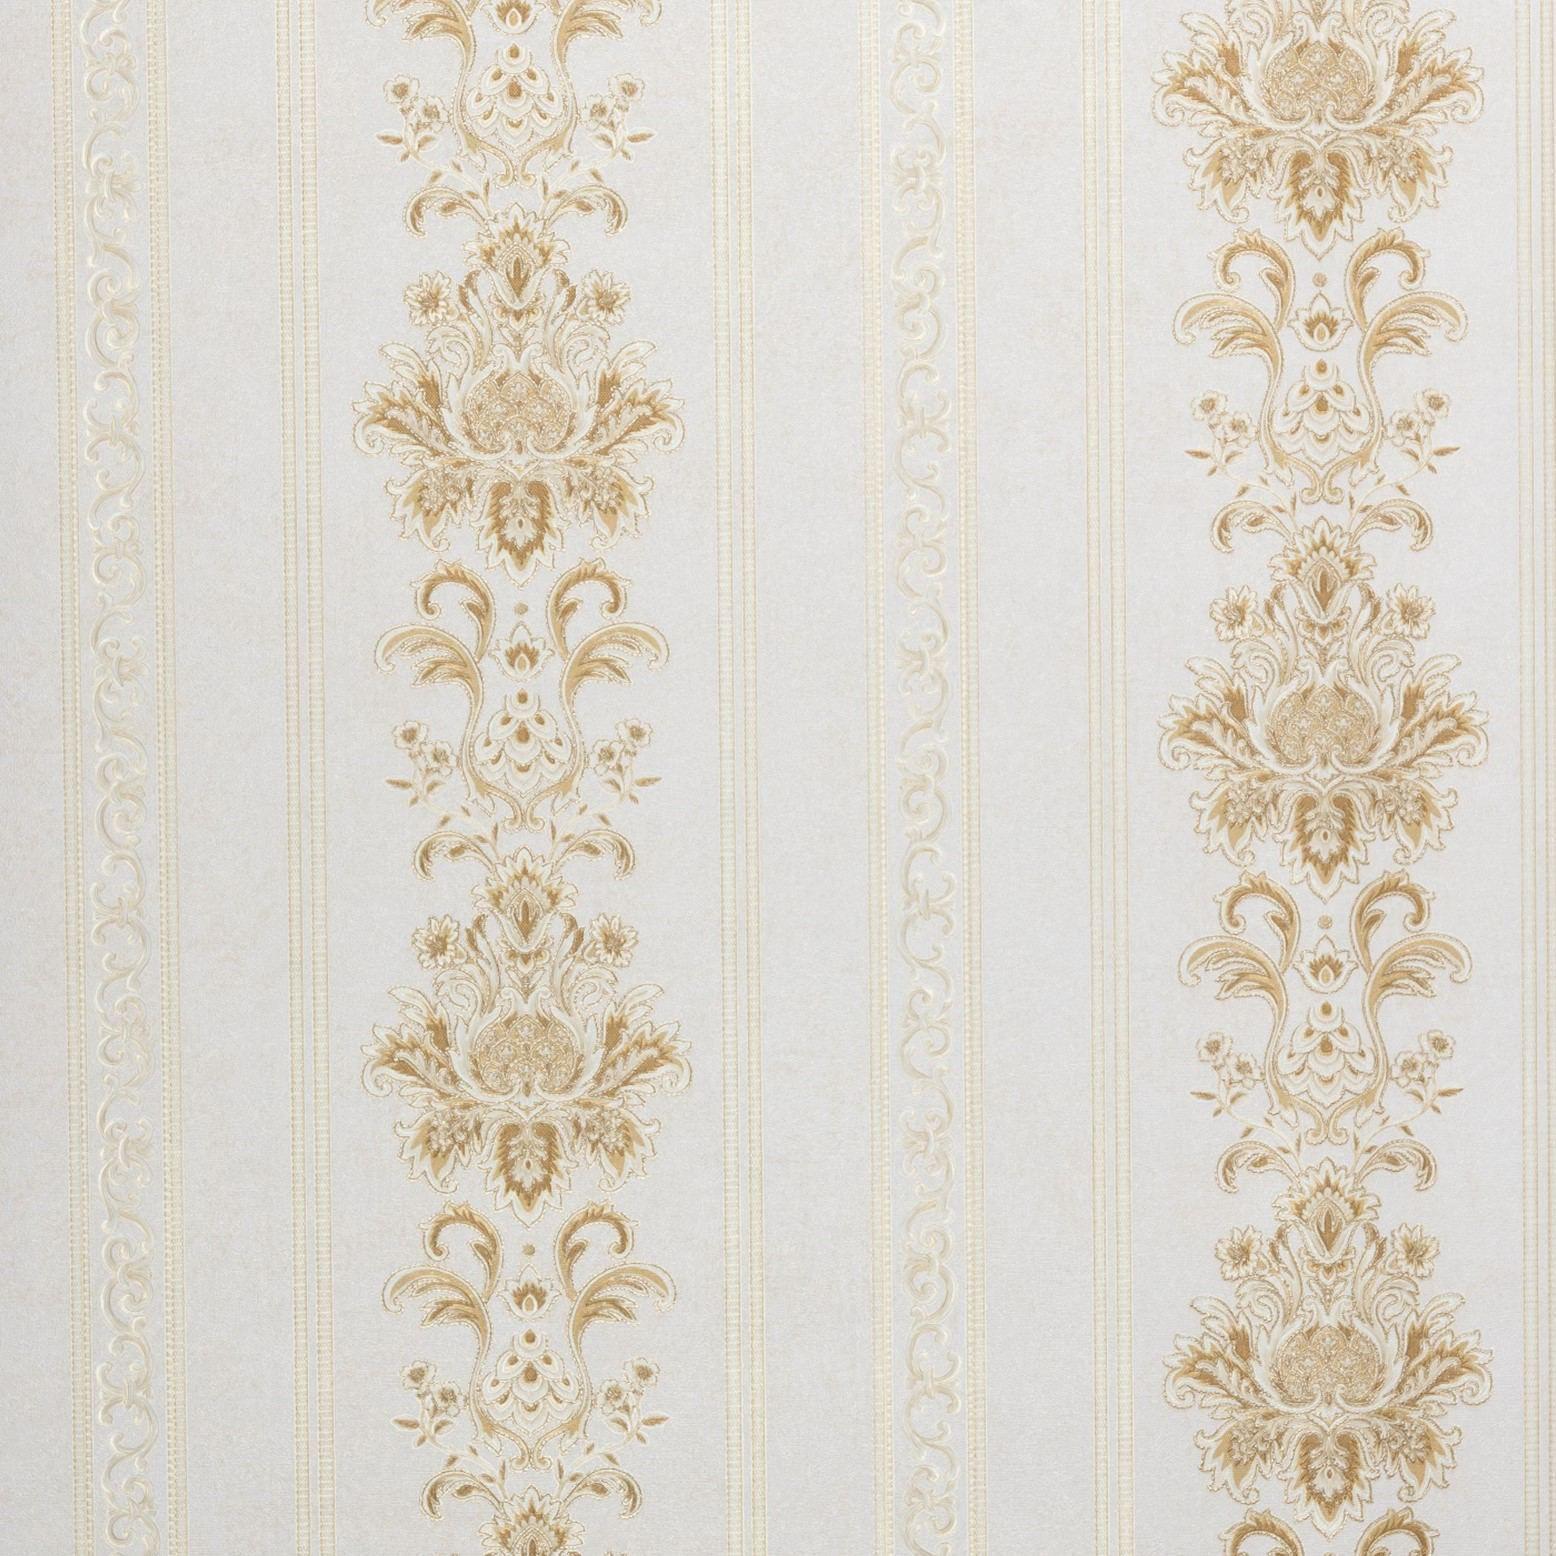 Papel de Parede Paris Decor Vinílico Coleção Colmar Damask Listras Off White, Nude, Dourado